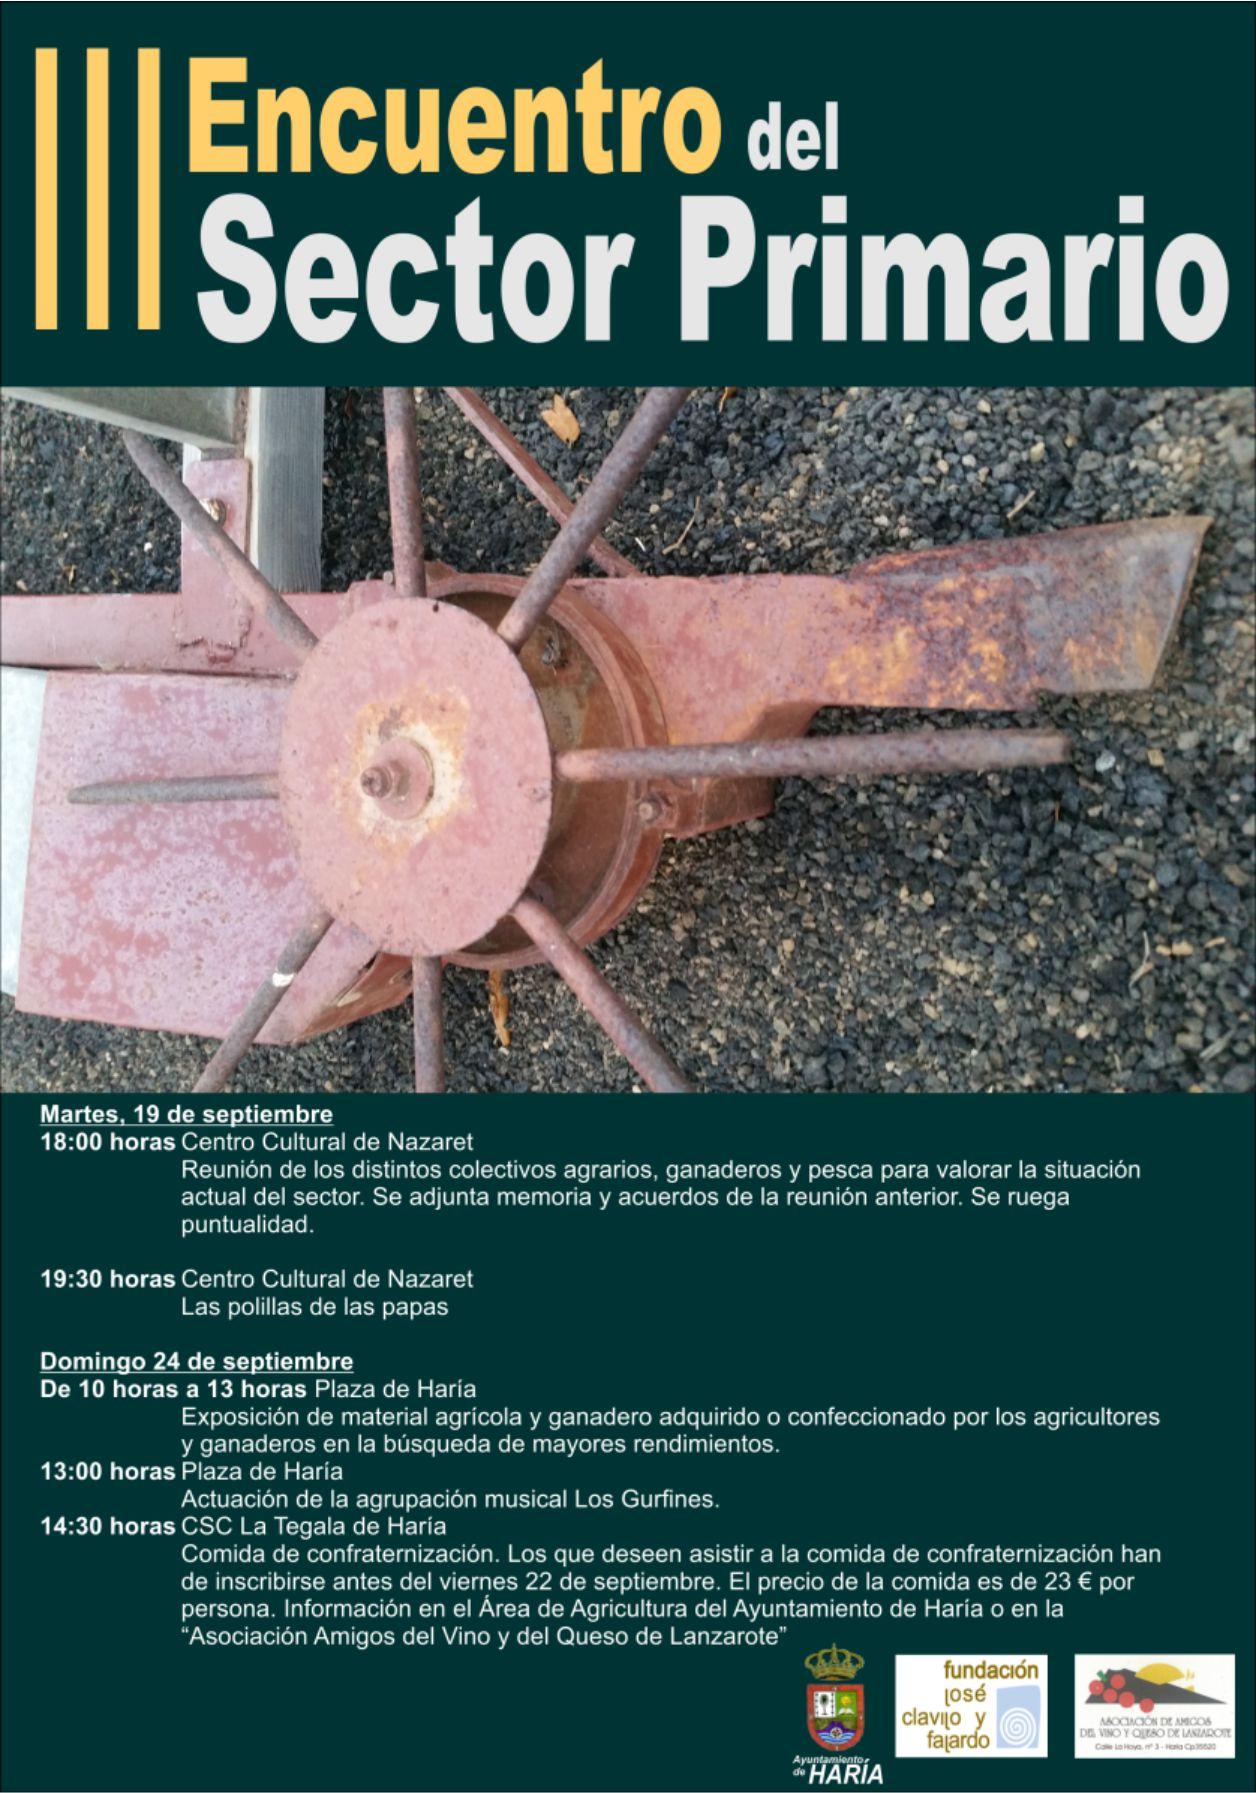 III Encuentro del Sector Primario